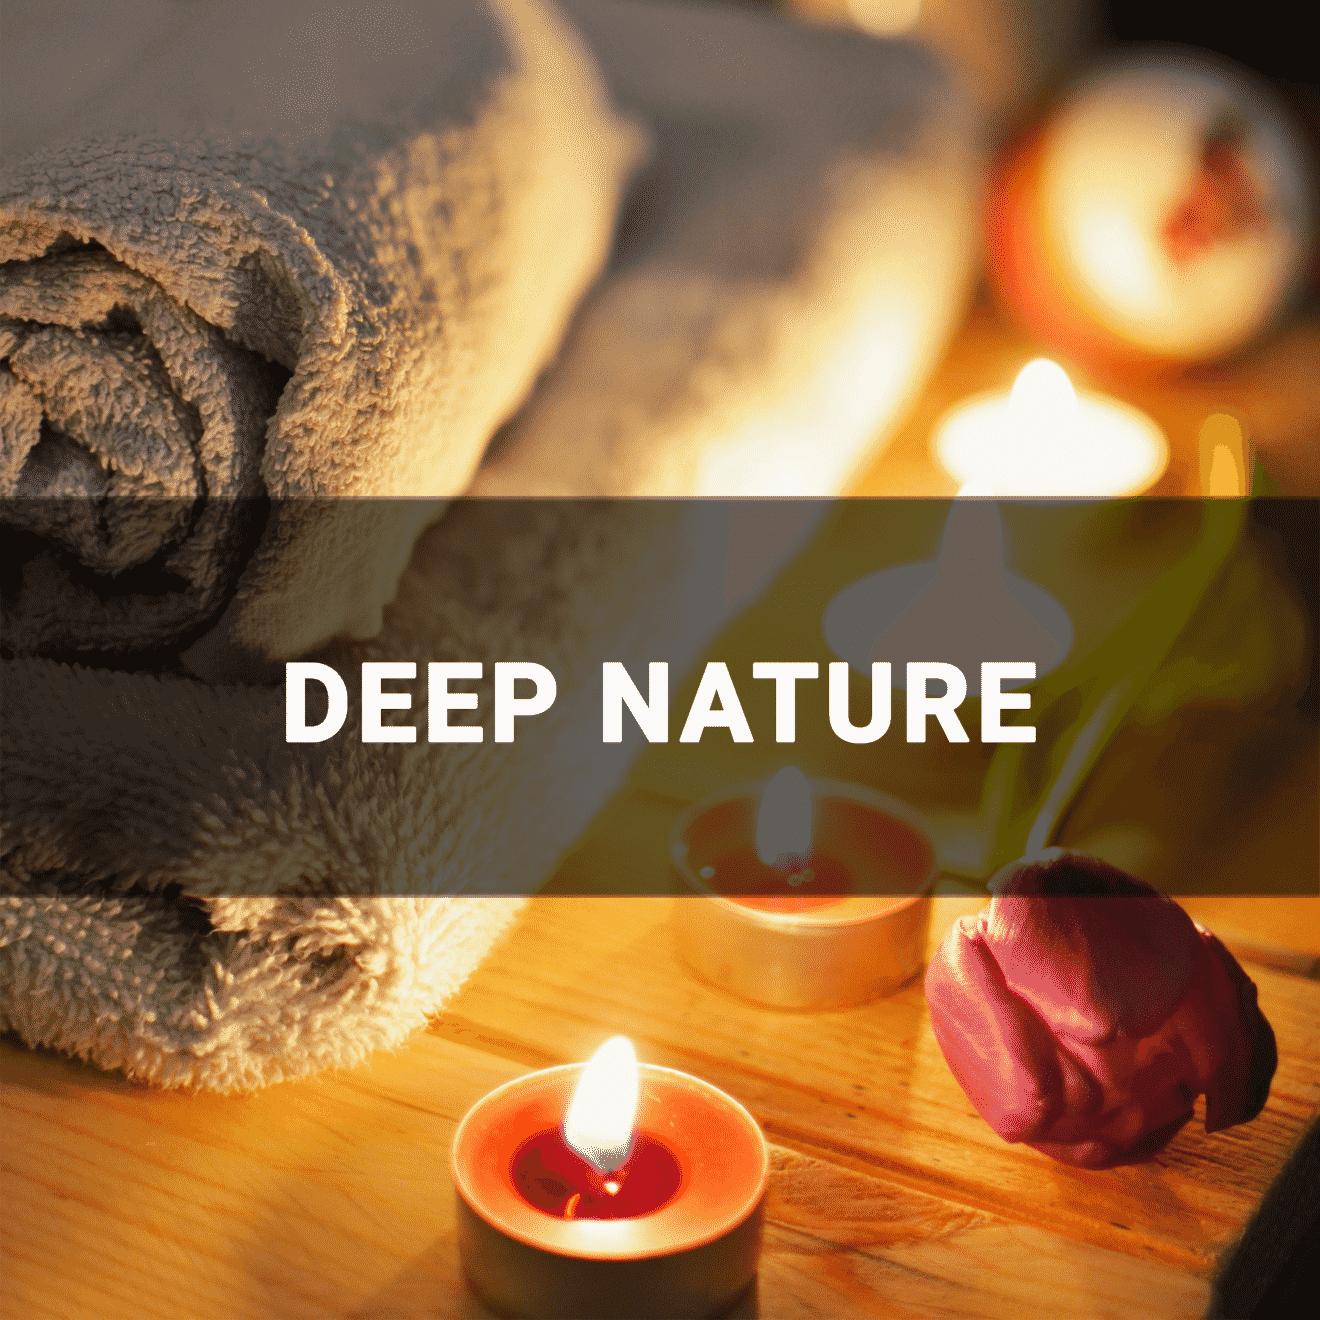 Serviettes, bougies et fleur qui représente l'intérieur d'un spa - Deep nature